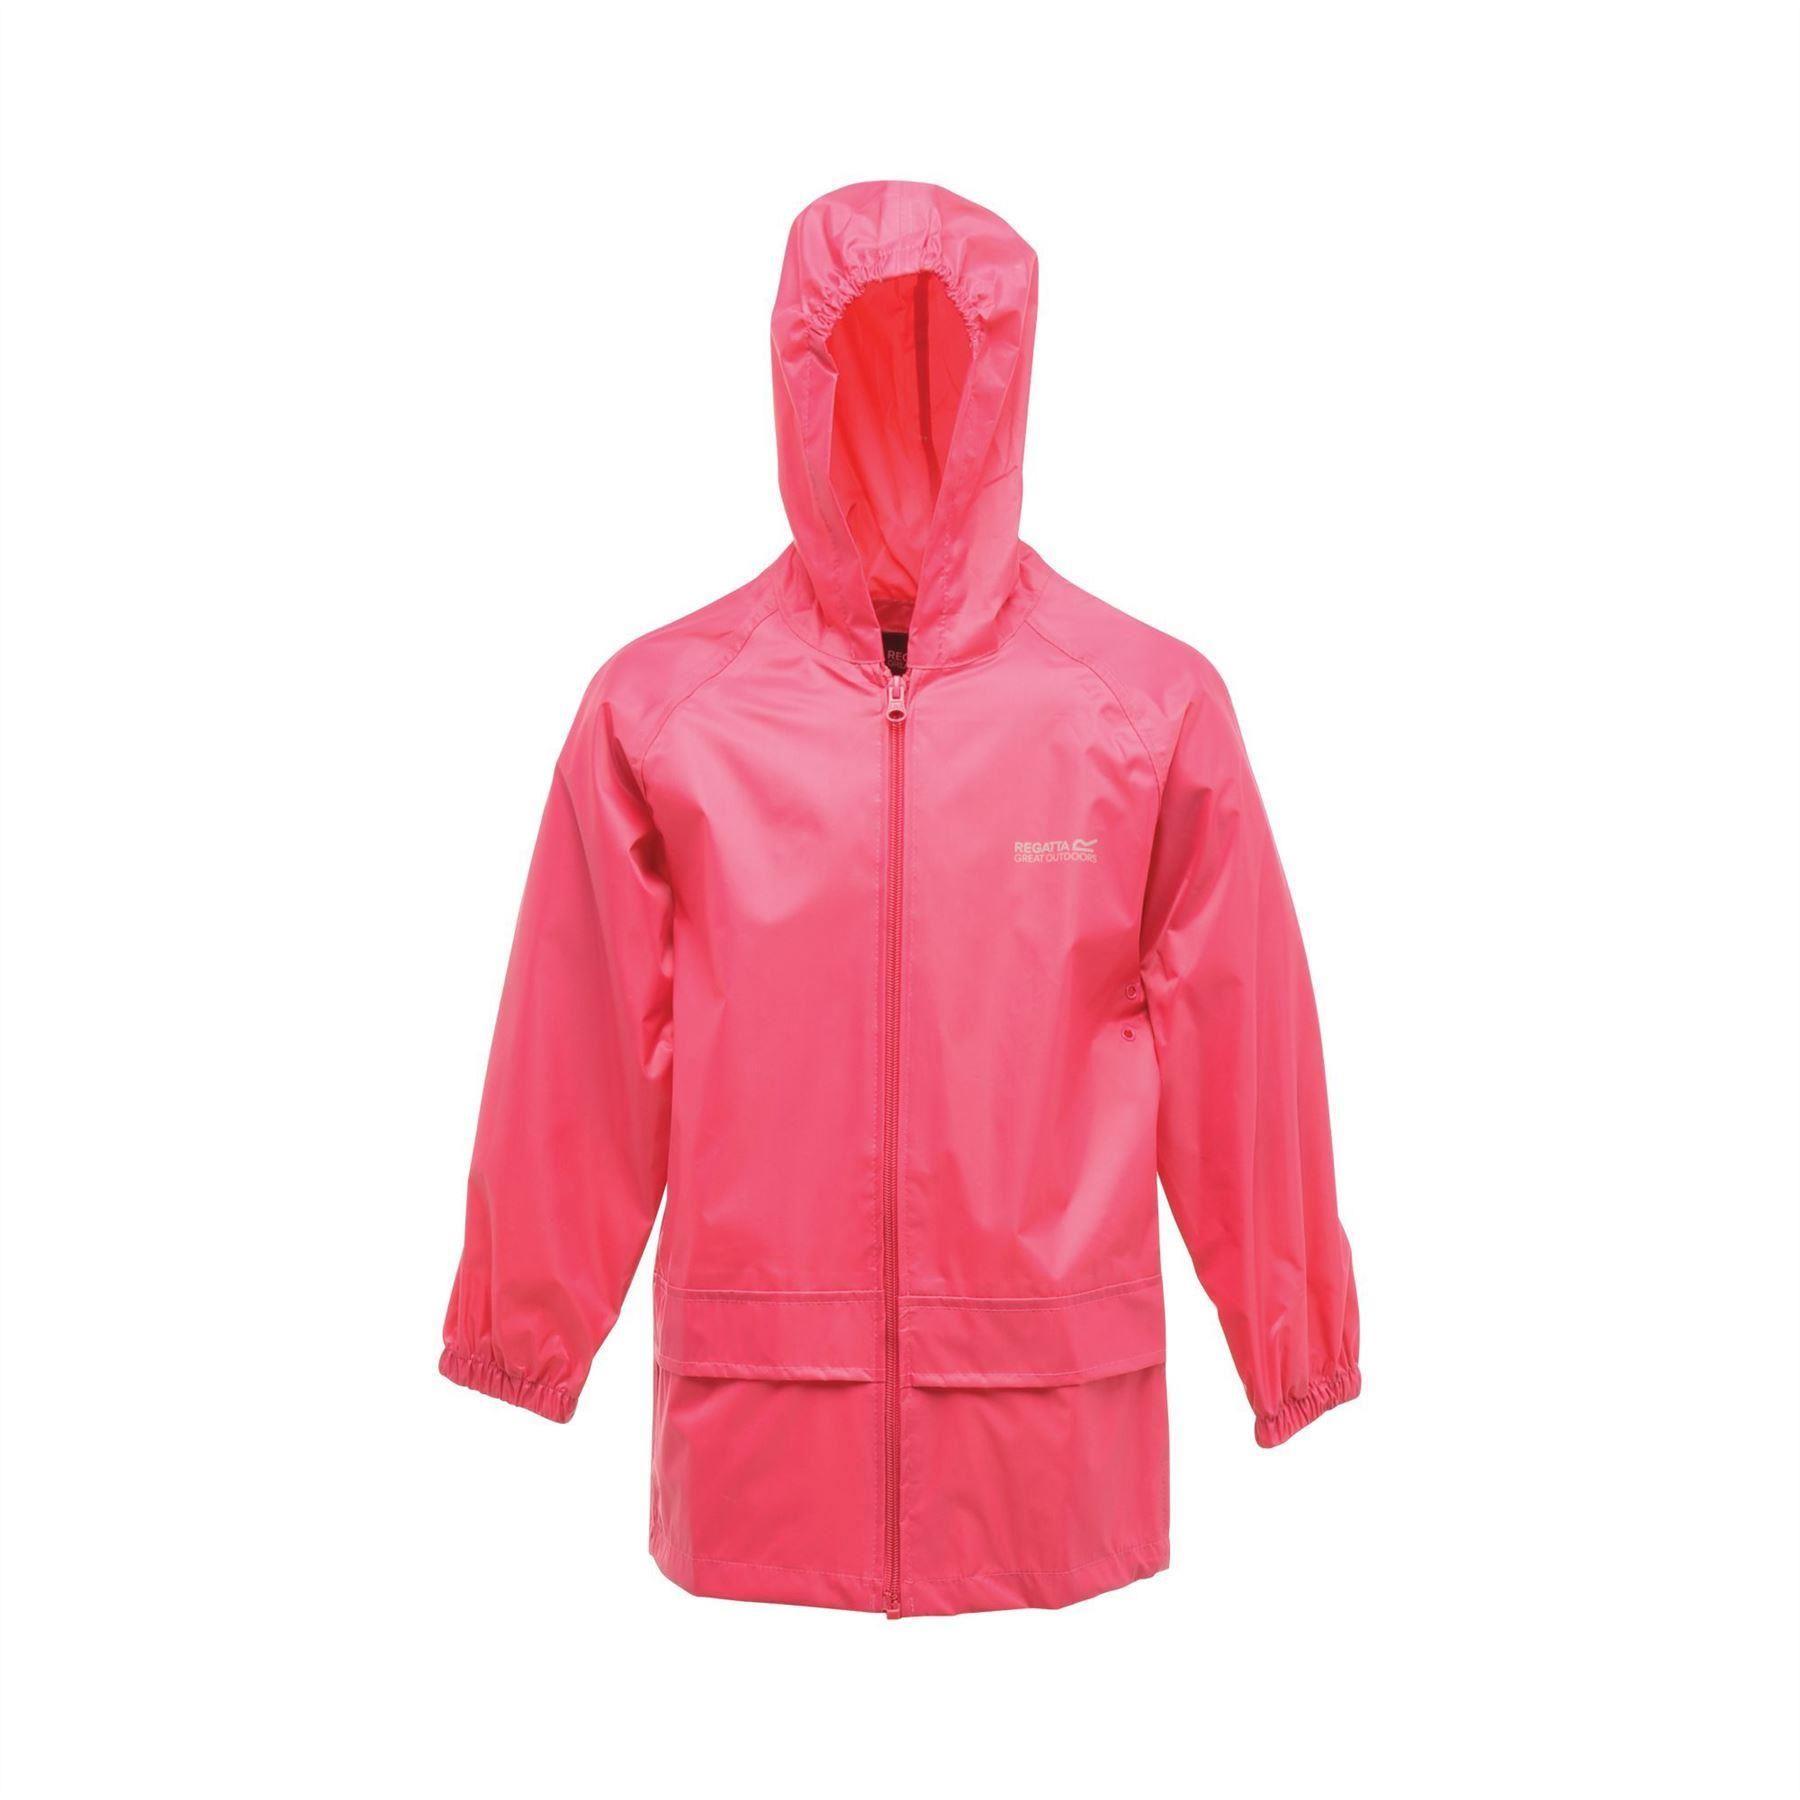 miniatuur 9 - Regatta Kids Waterproof Stormbreak Shell Jacket Hooded Rain coat Boys Girls